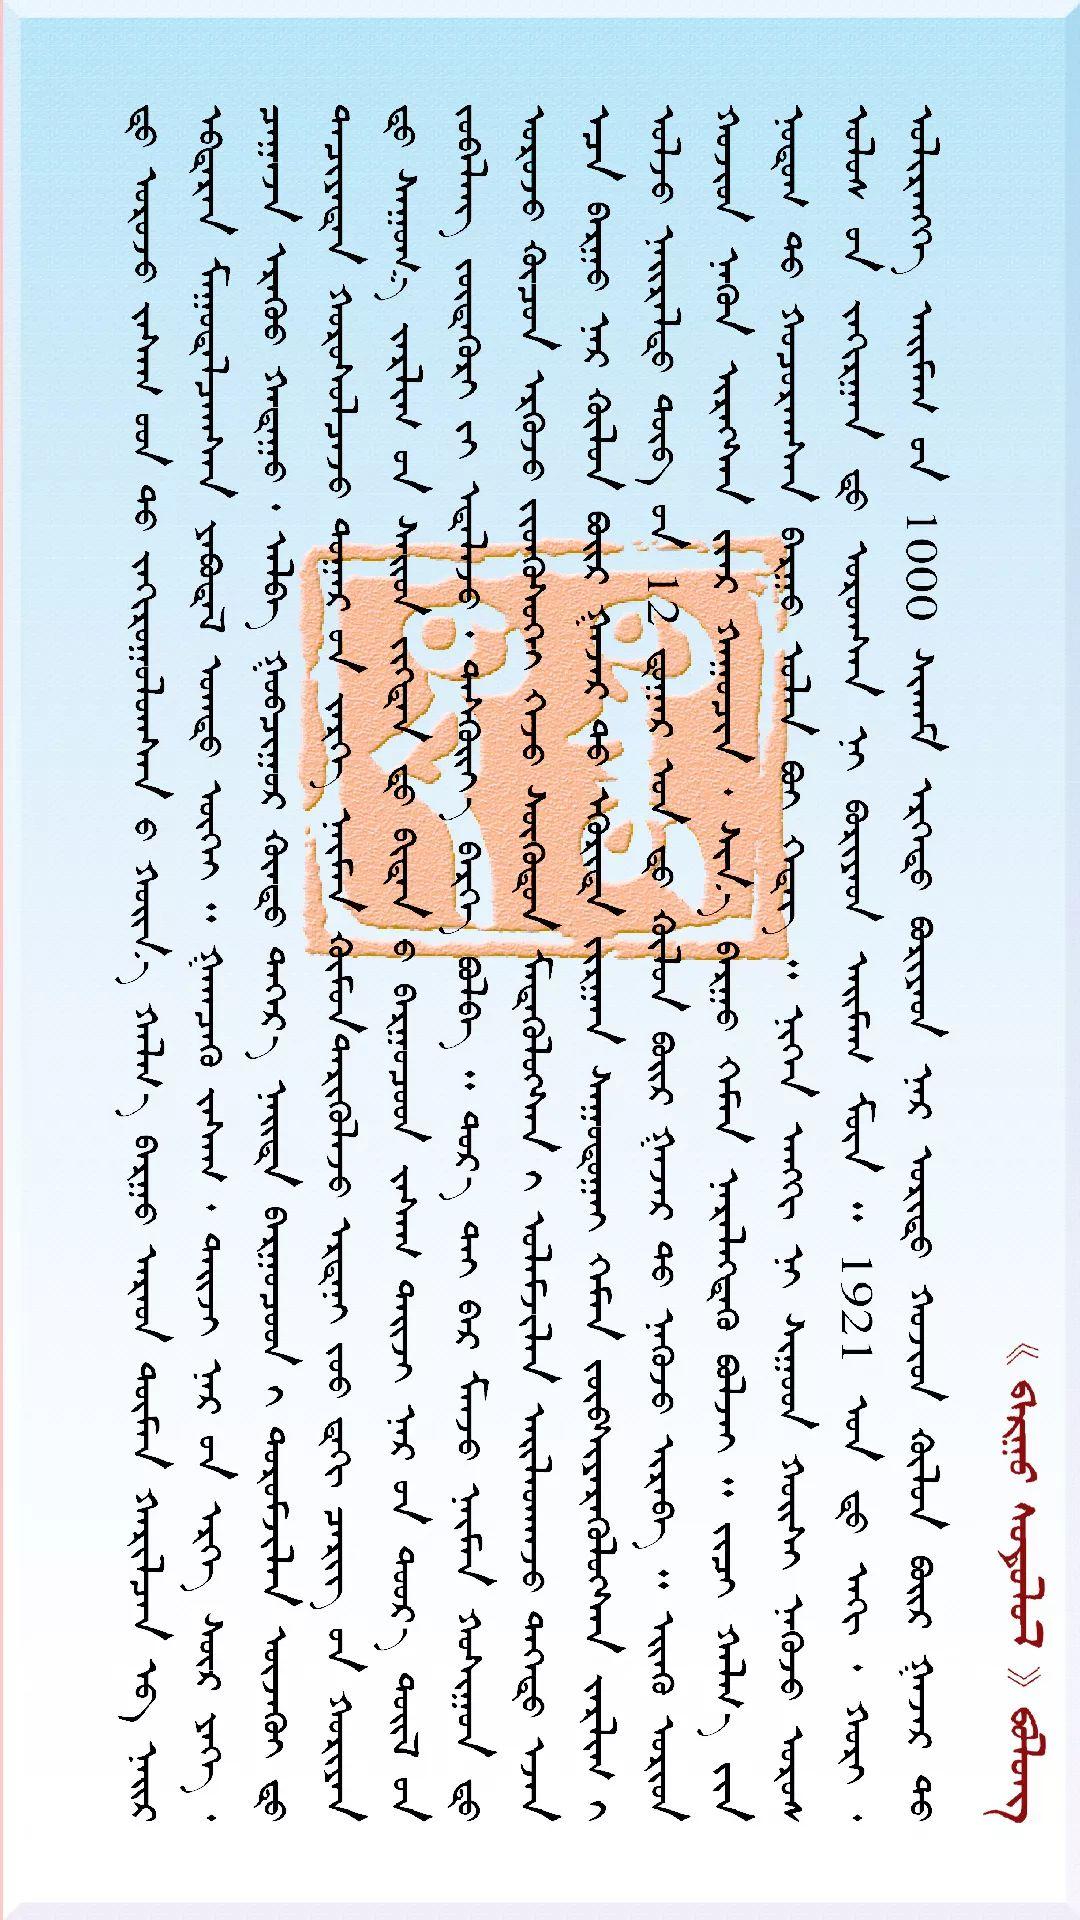 巴尔虎研究【第四期】 第7张 巴尔虎研究【第四期】 蒙古文化